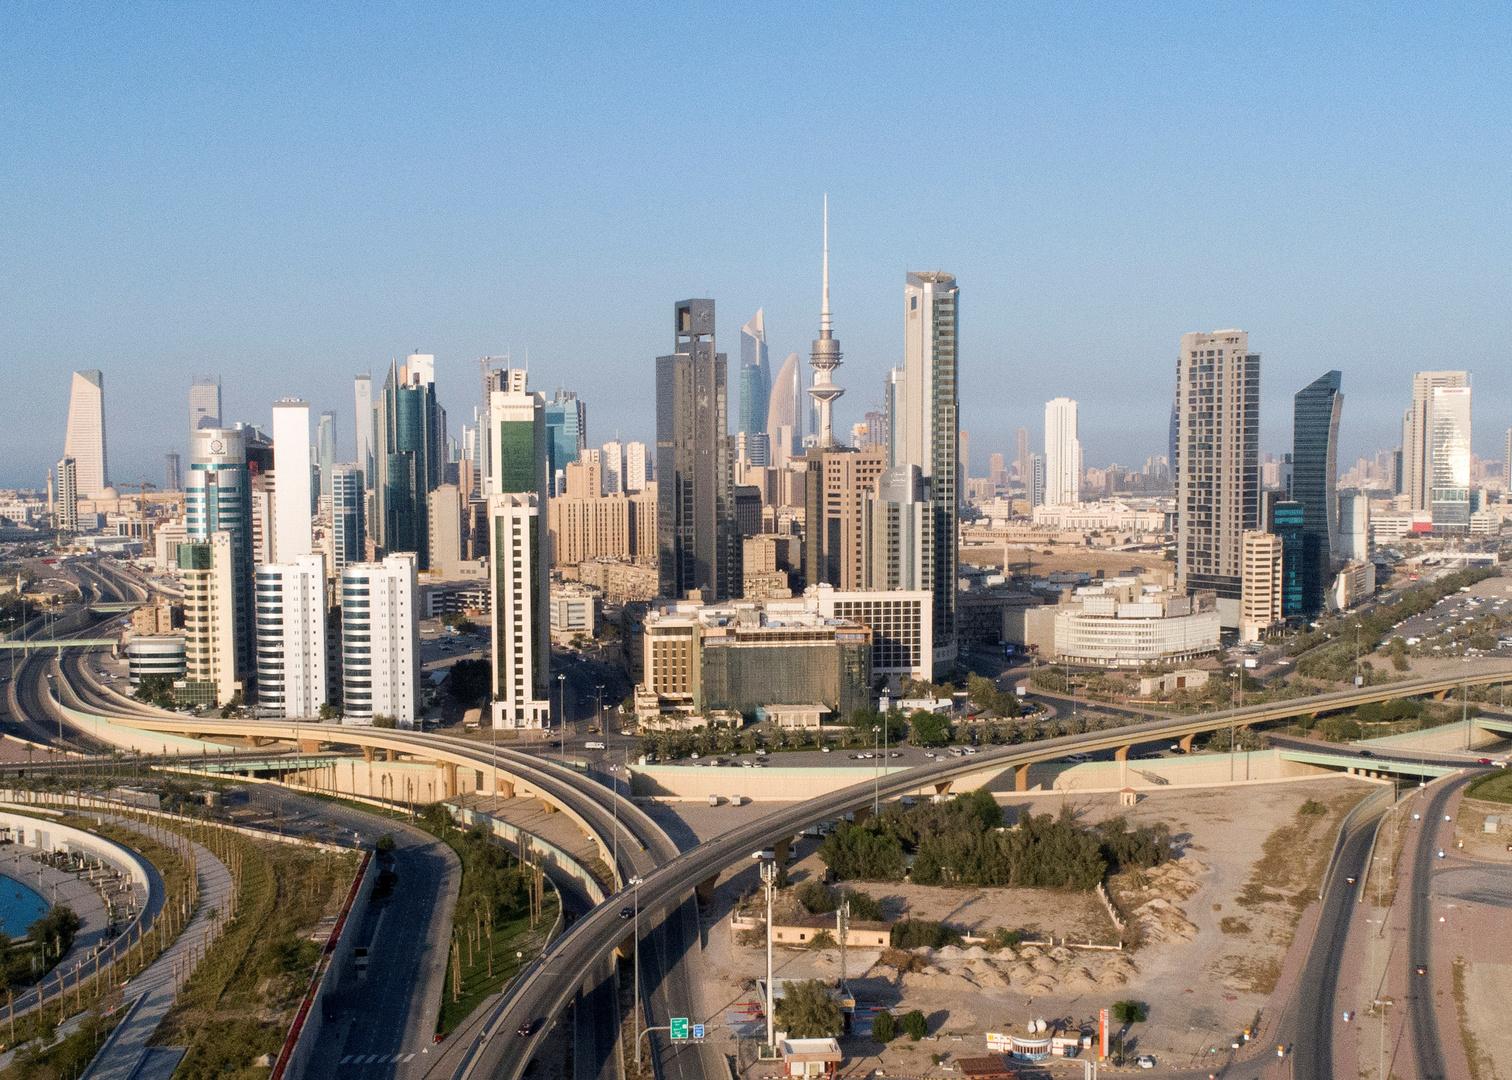 حكومة الكويت تعزل مناطق جديدة وتعلن اتباع خطة من 5 مراحل للعودة إلى